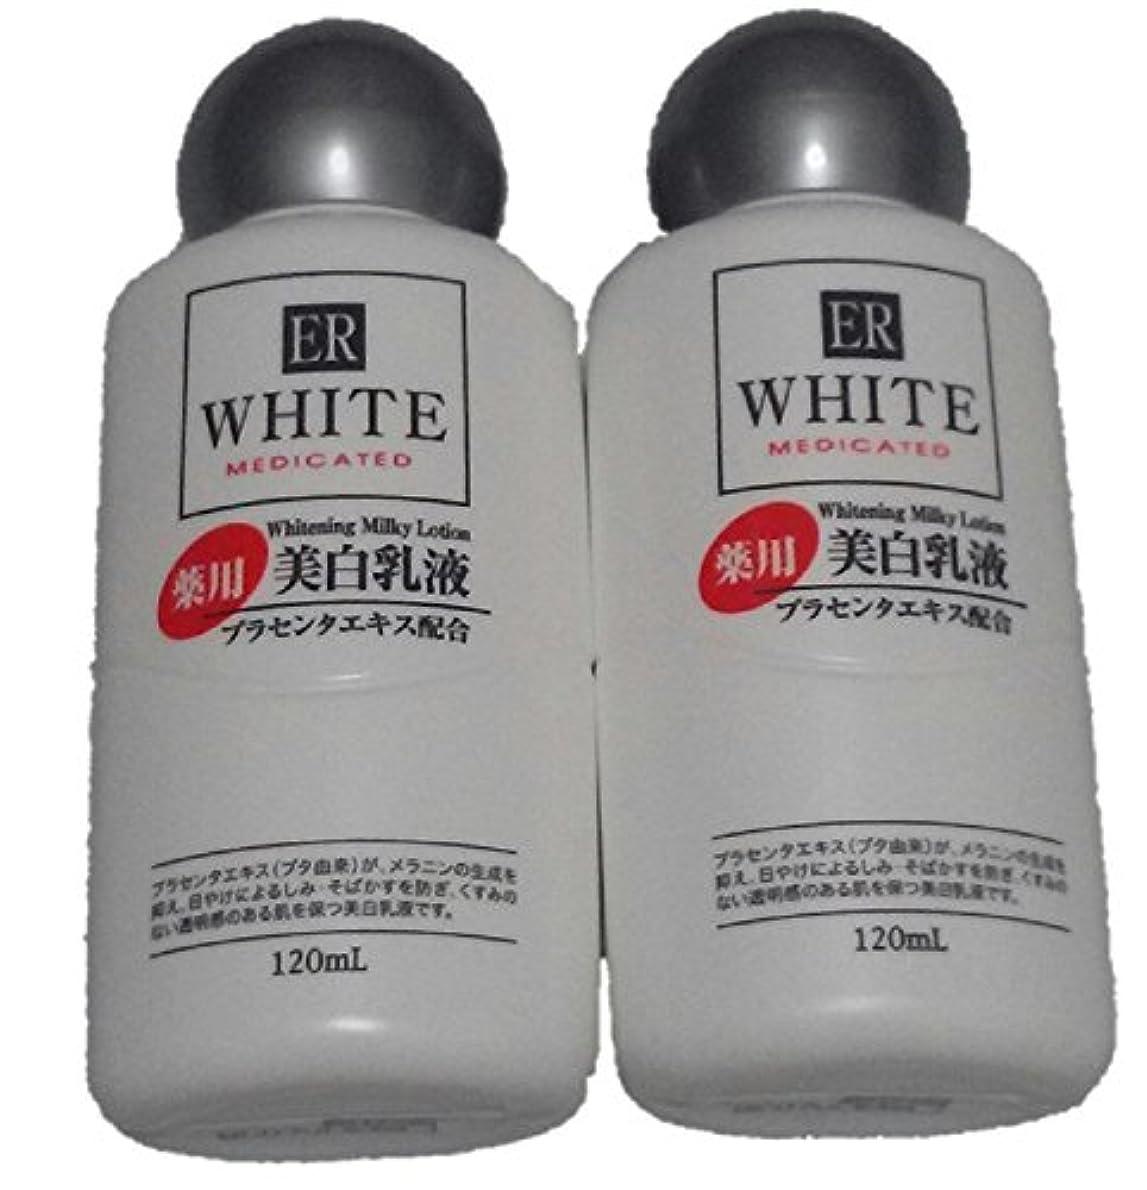 有罪ペインやりがいのある【2本セット】コスモホワイトニングミルク 120ml